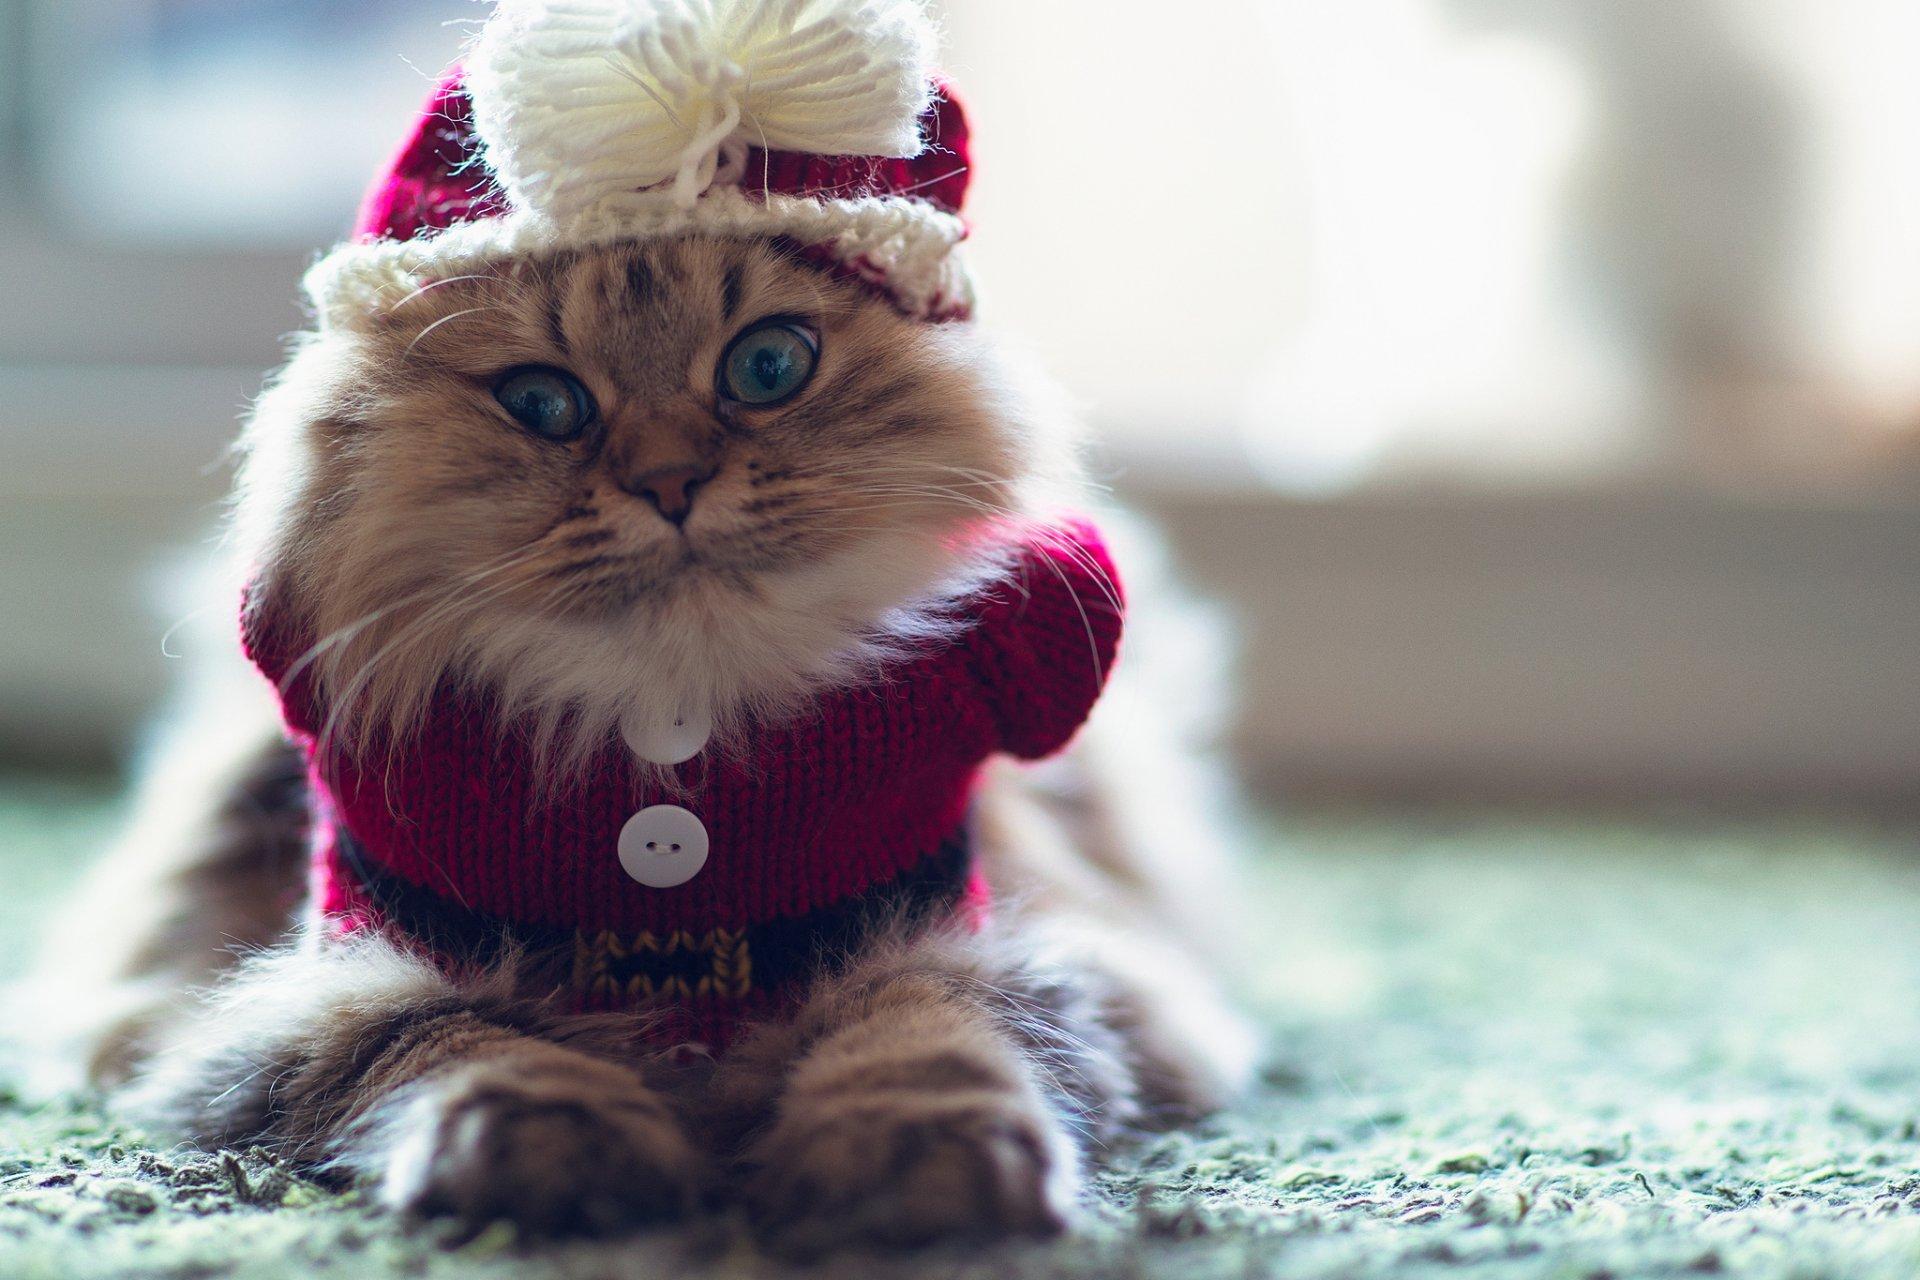 фото на аву животные красивые кошки следующий день